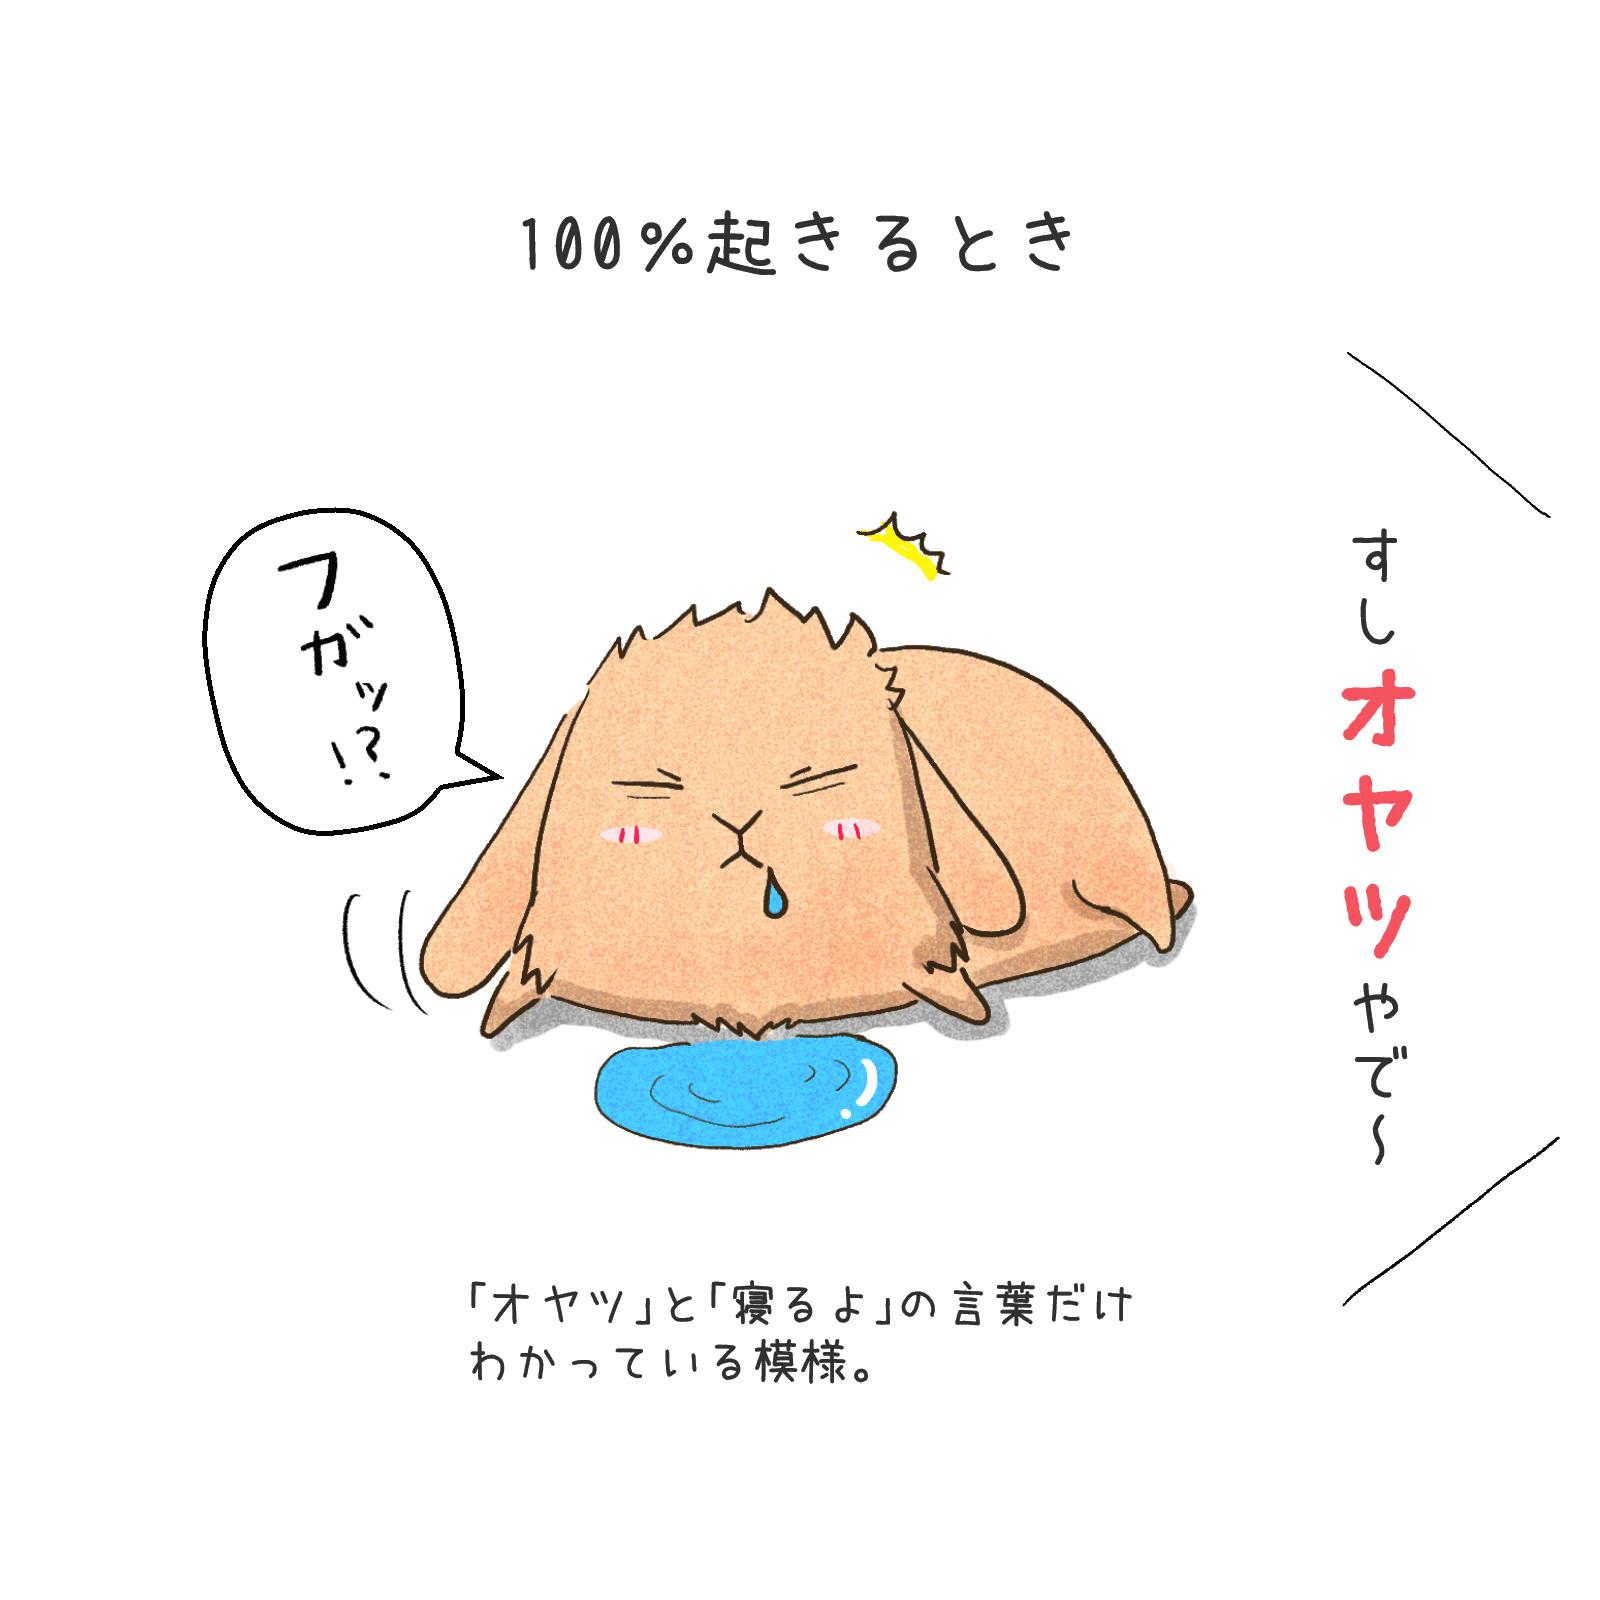 うさぎの漫画05